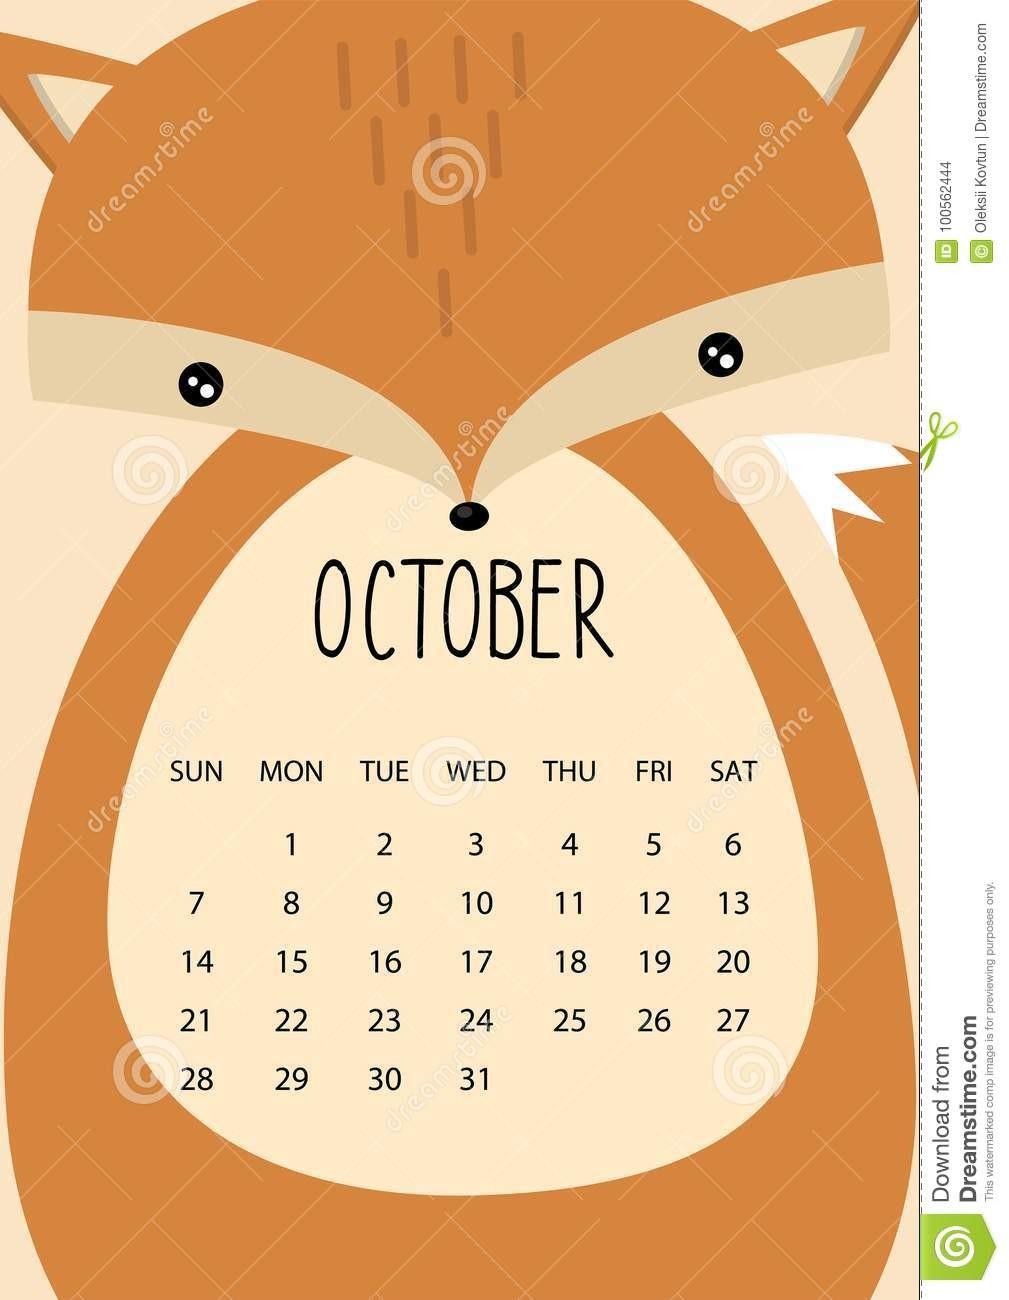 diseño lindo del calendario mes por años octubre formato vector image